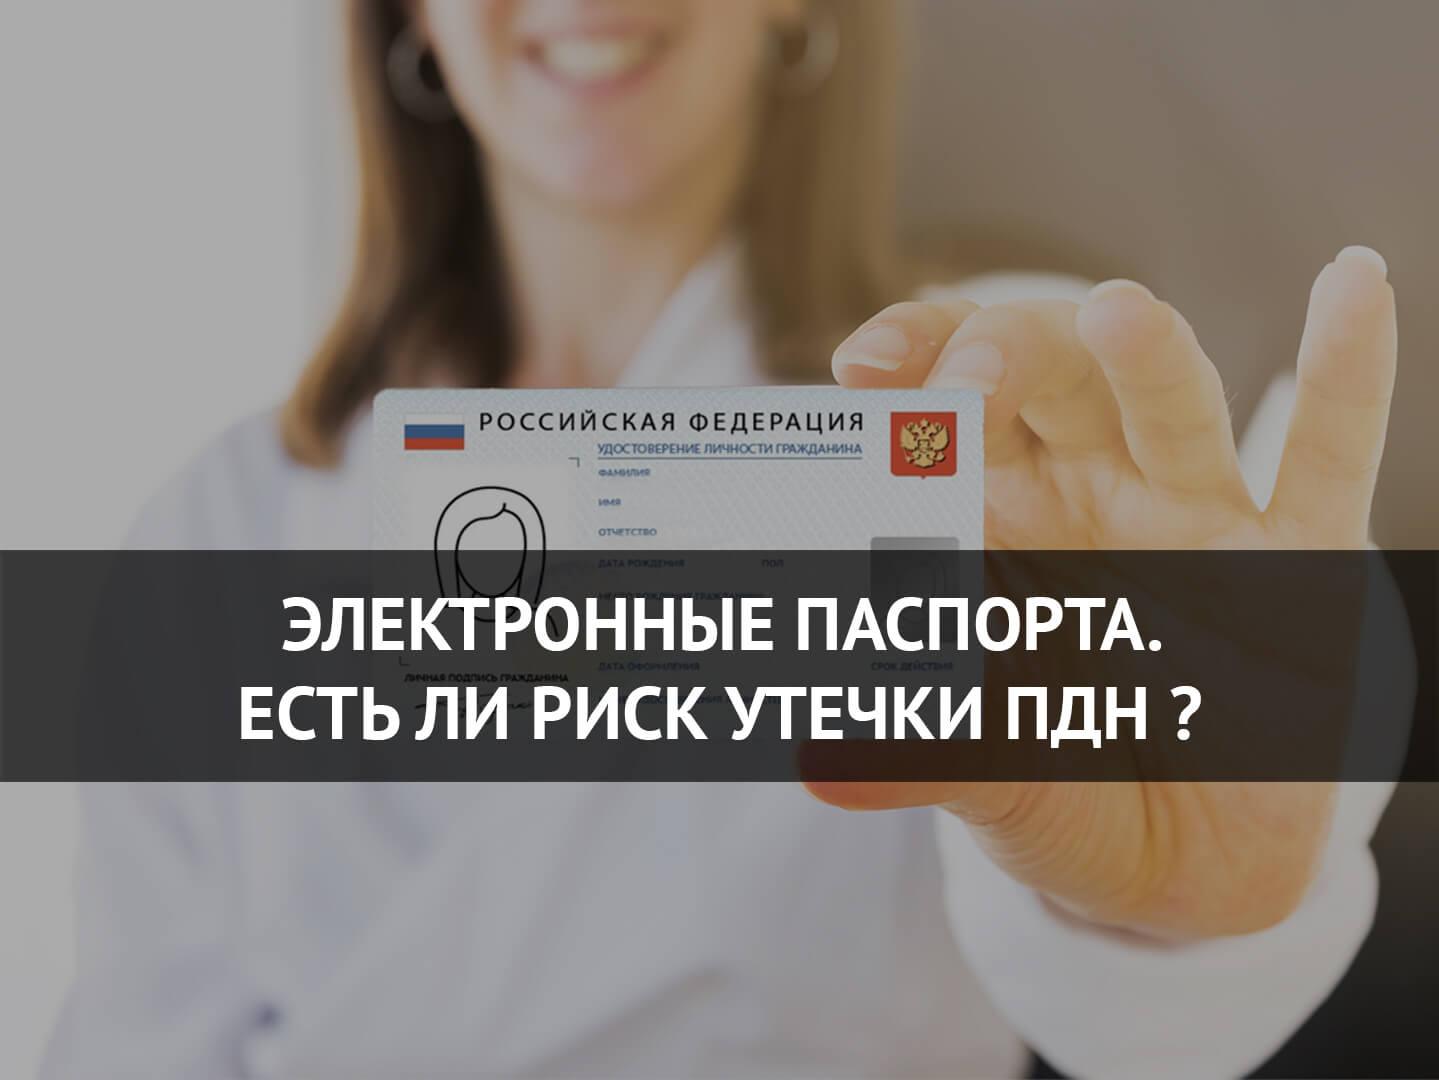 Электронные паспорта. Есть ли риск утечки персональных данных?